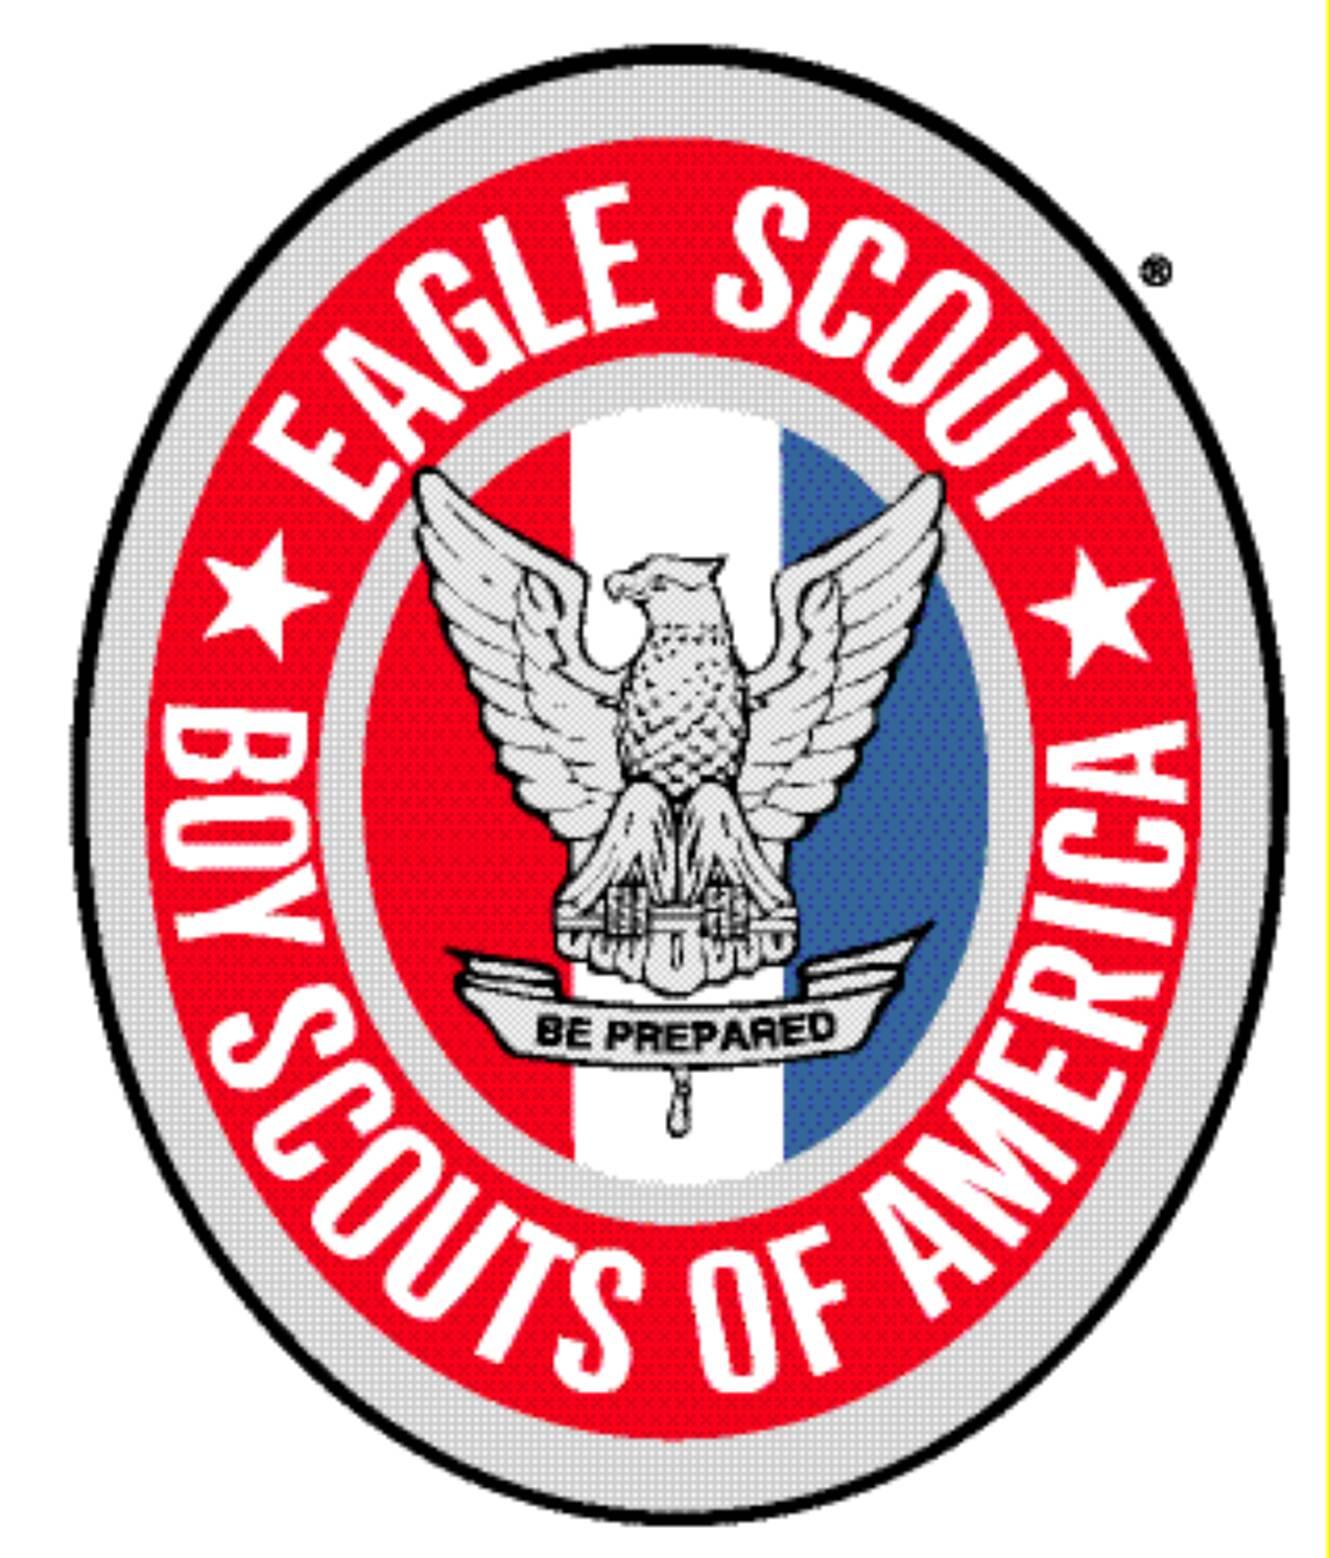 Eagle scout patch clipart.